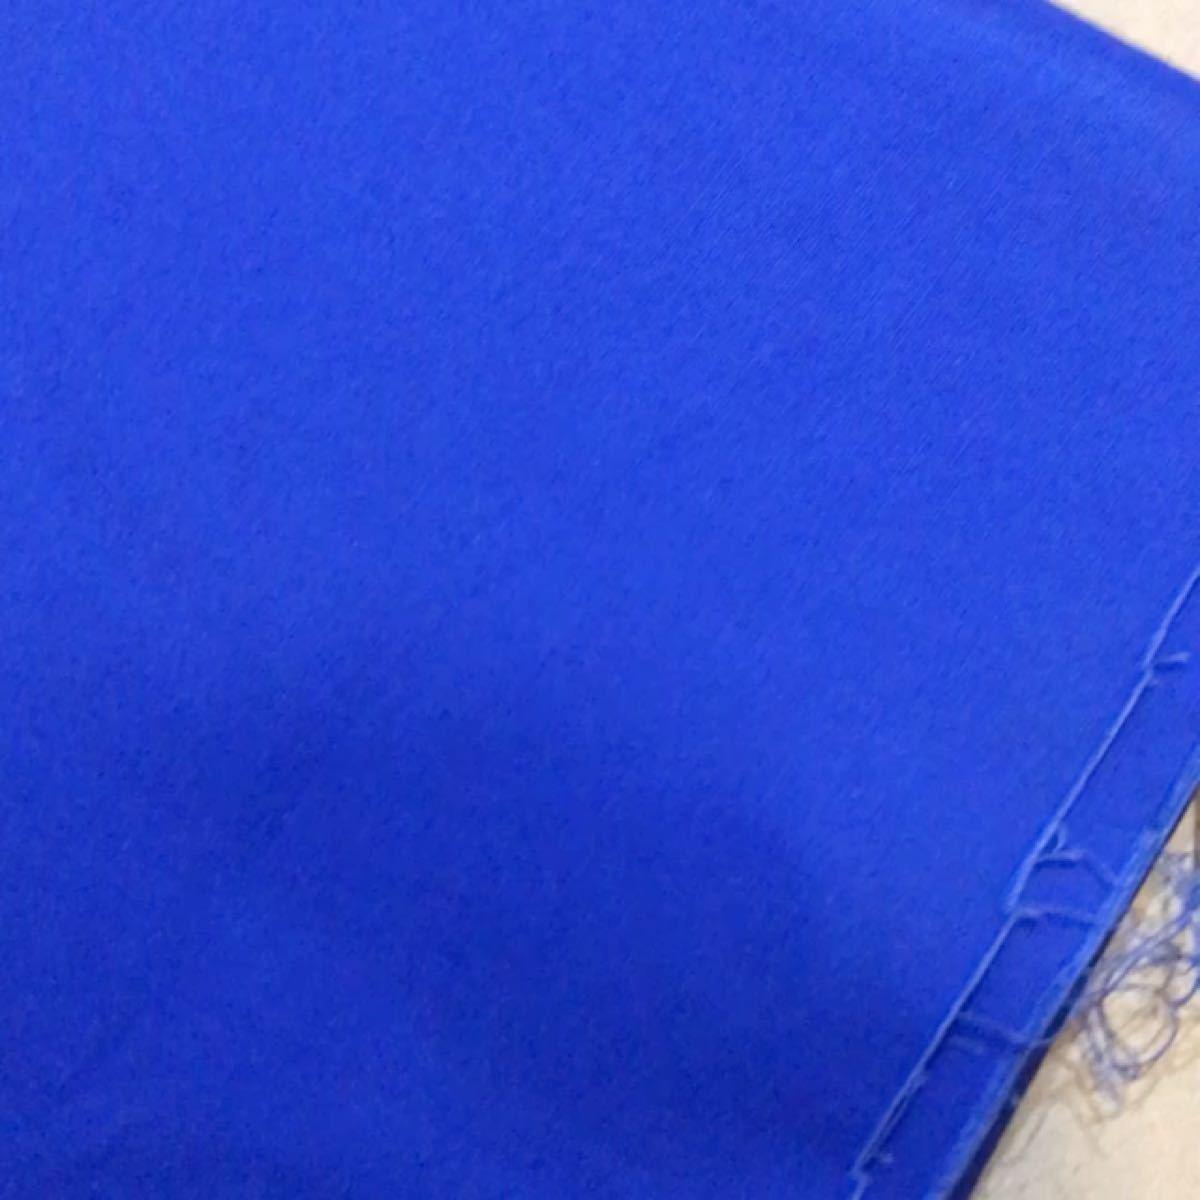 オックス無地 ハギレ 青 約110cm巾×90cm